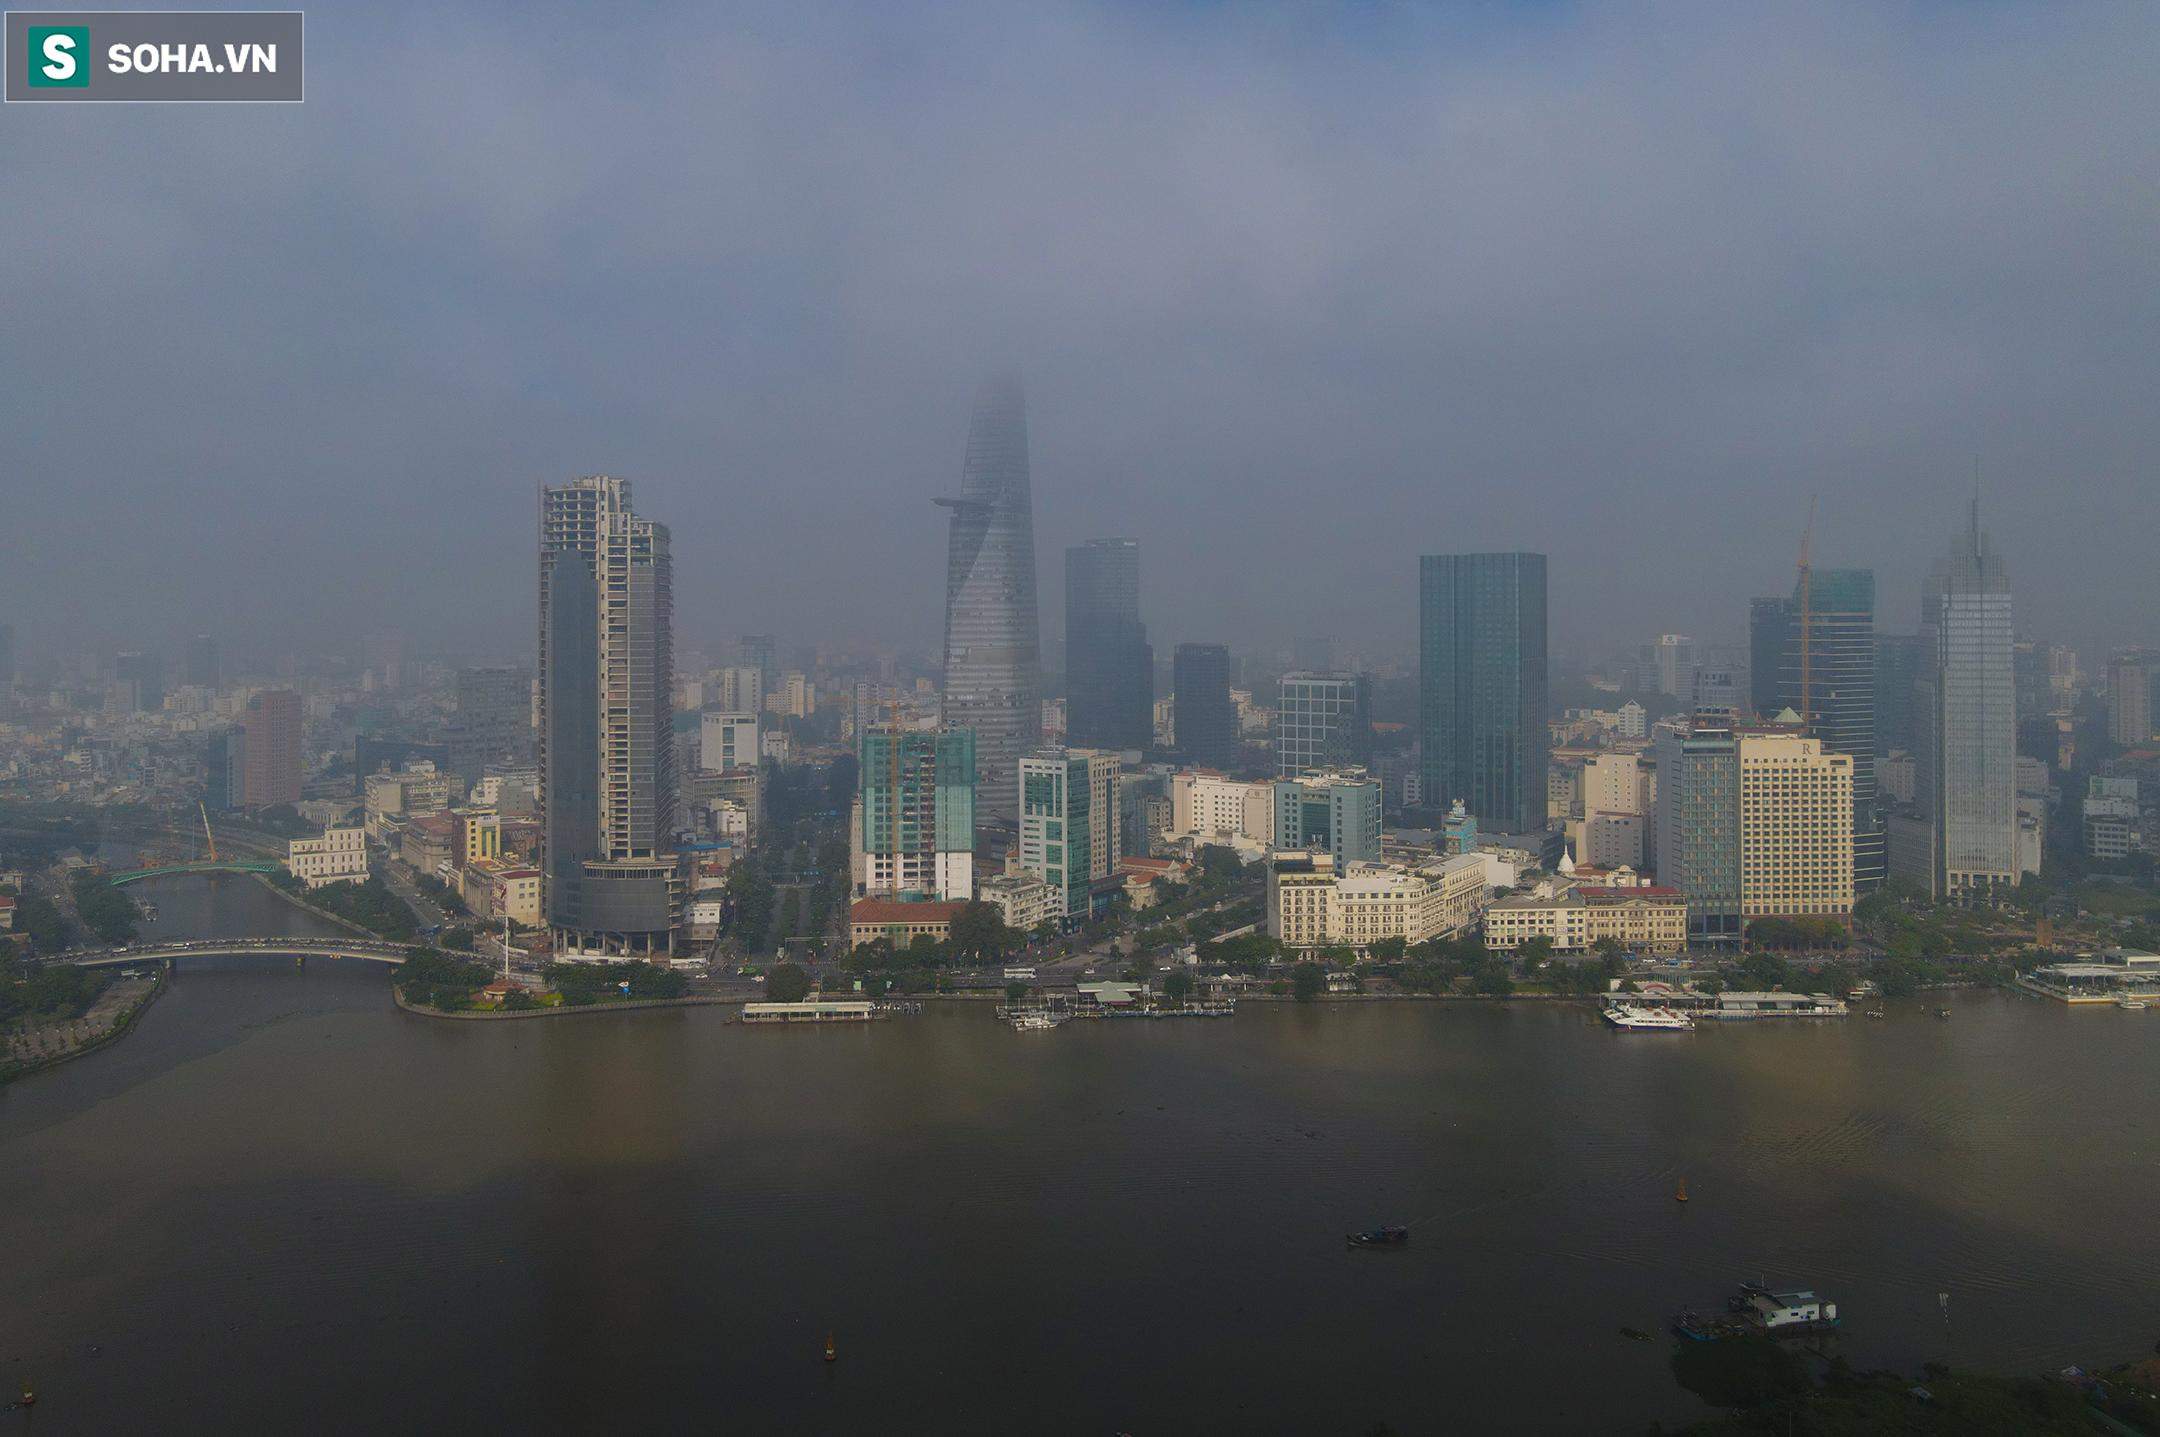 [Ảnh] Chất lượng không khí báo động đỏ, nhiều toà cao ốc ở TP.HCM bất ngờ biến mất trong sáng đầu tuần - Ảnh 1.